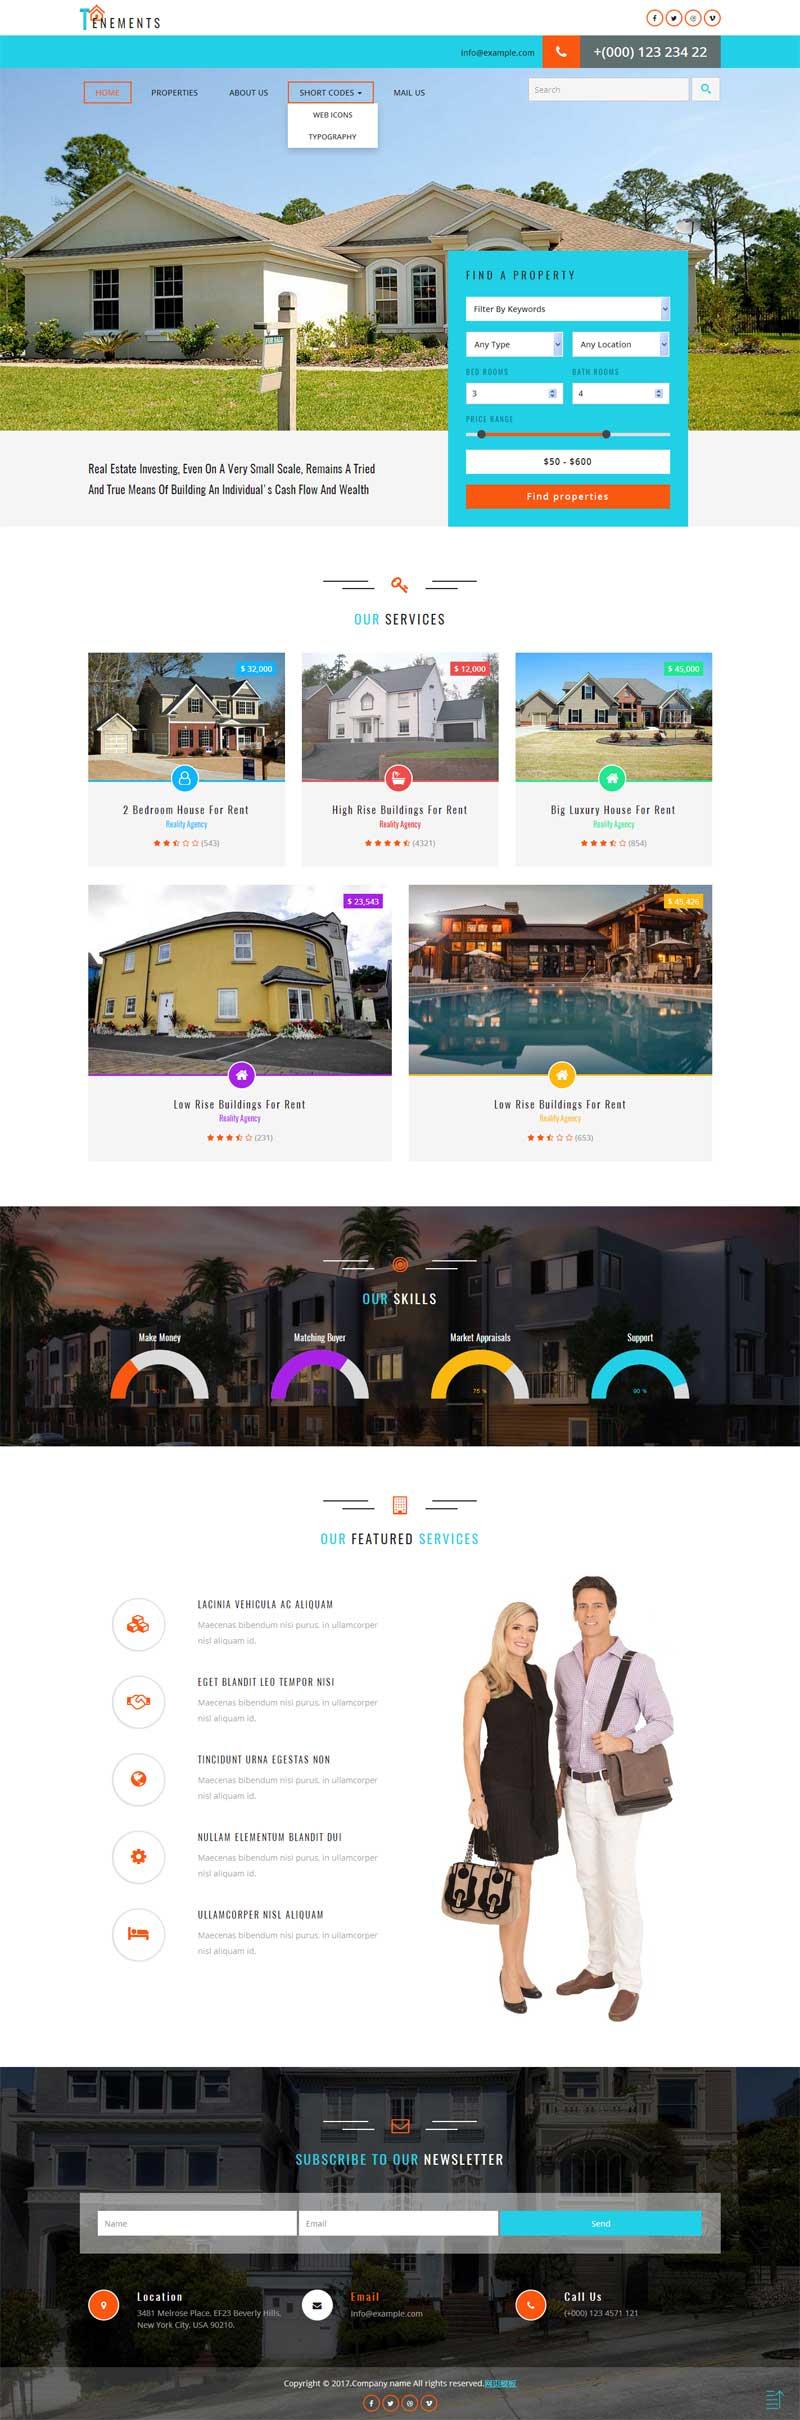 简洁大气的公寓房屋出租公司网站模板